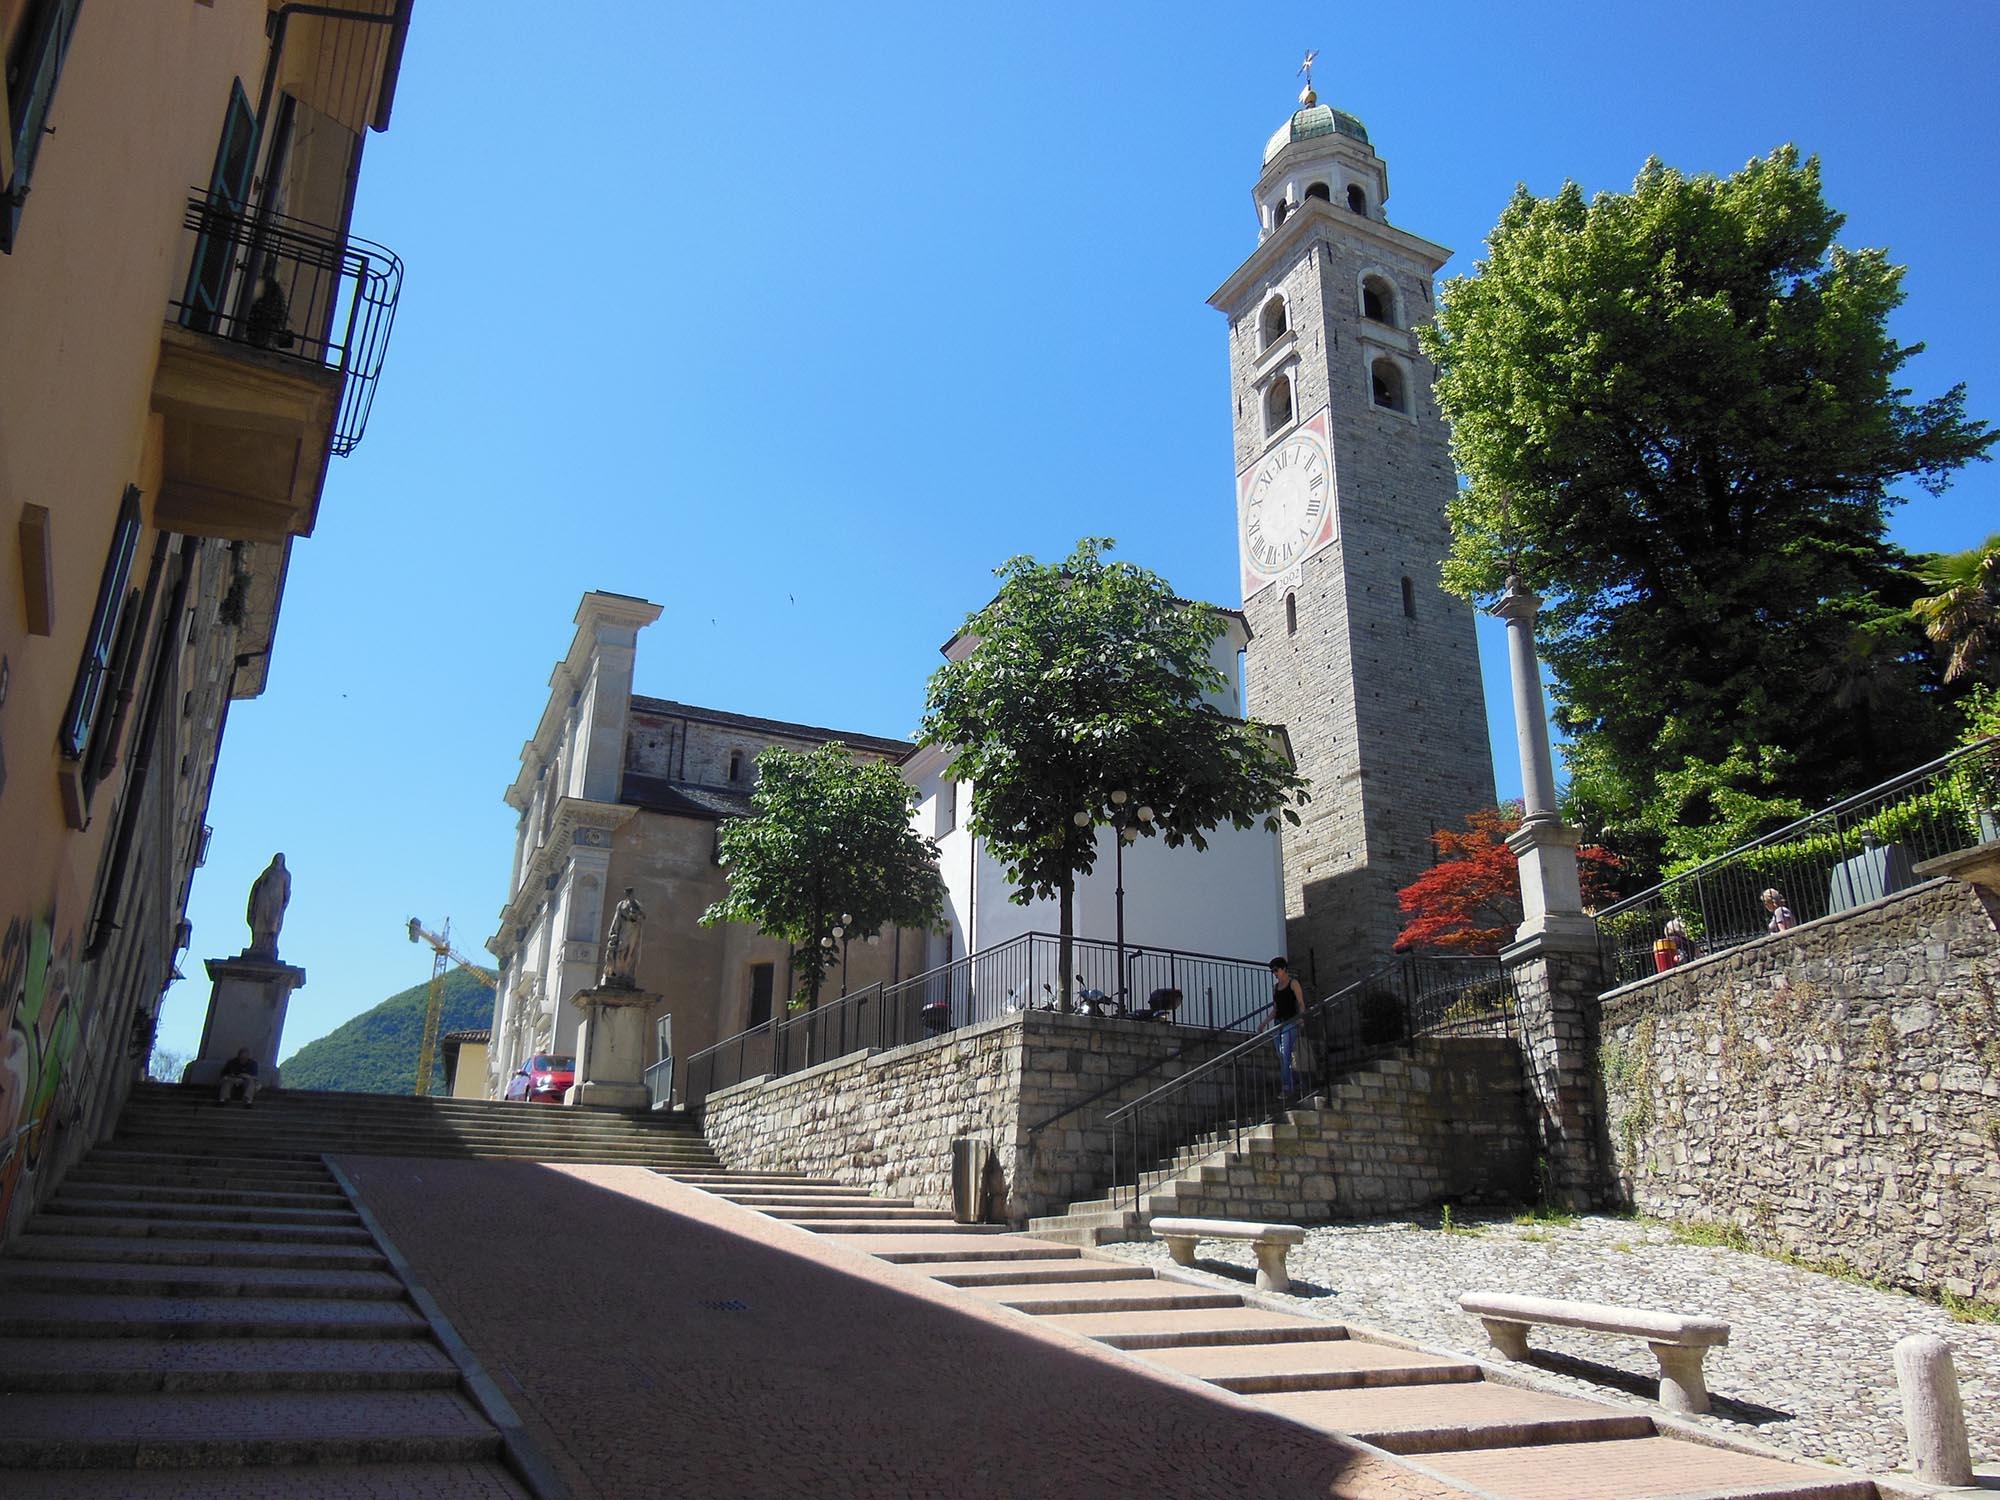 Собор Сан-Лоренцо в Лугано, Швейцария